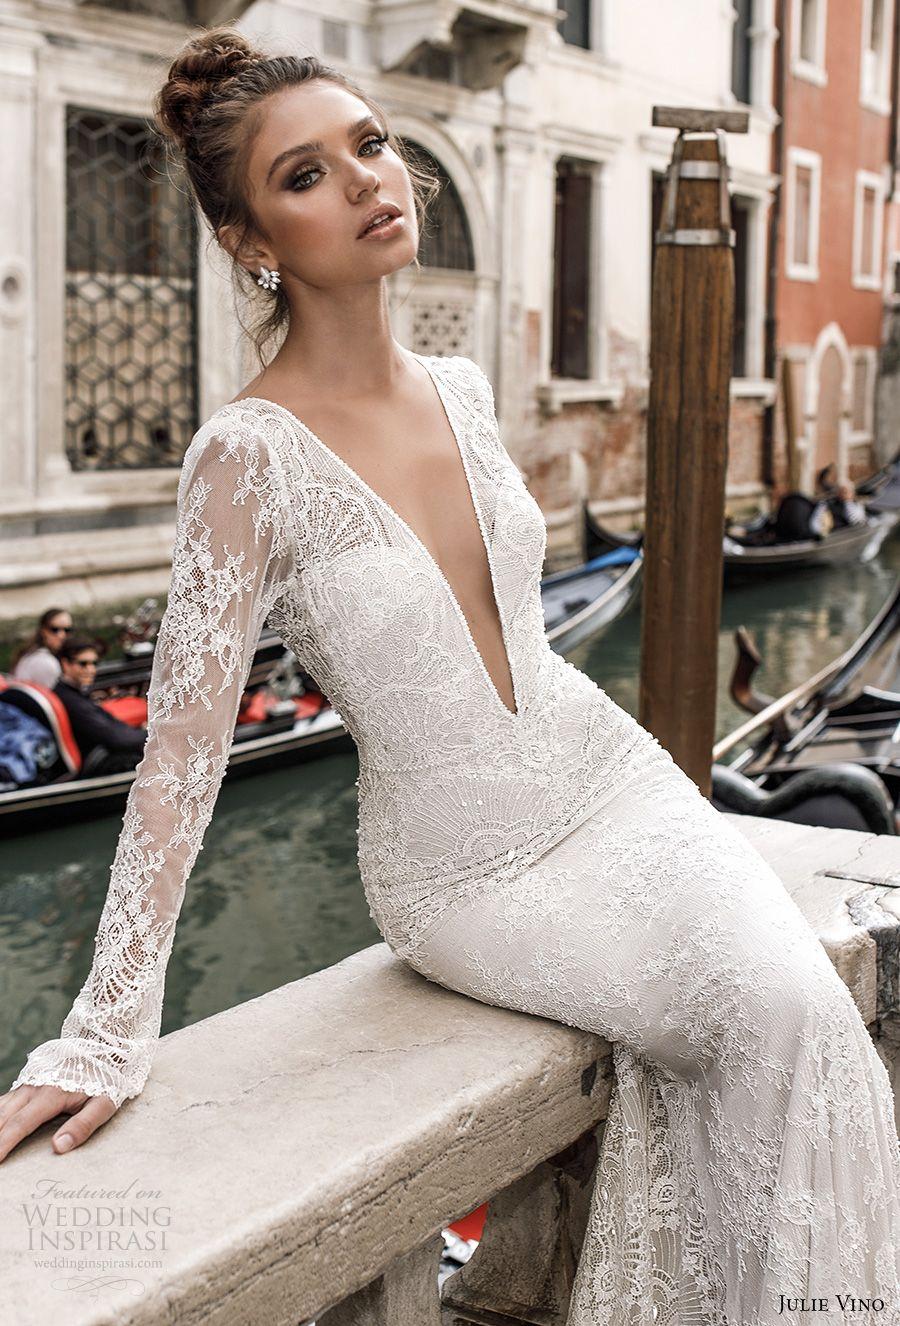 Julie Vino Spring 2018 Wedding Dresses Venezia Bridal Collection Wedding Inspirasi Short Wedding Dress Fit And Flare Wedding Dress Wedding Dresses [ 1326 x 900 Pixel ]